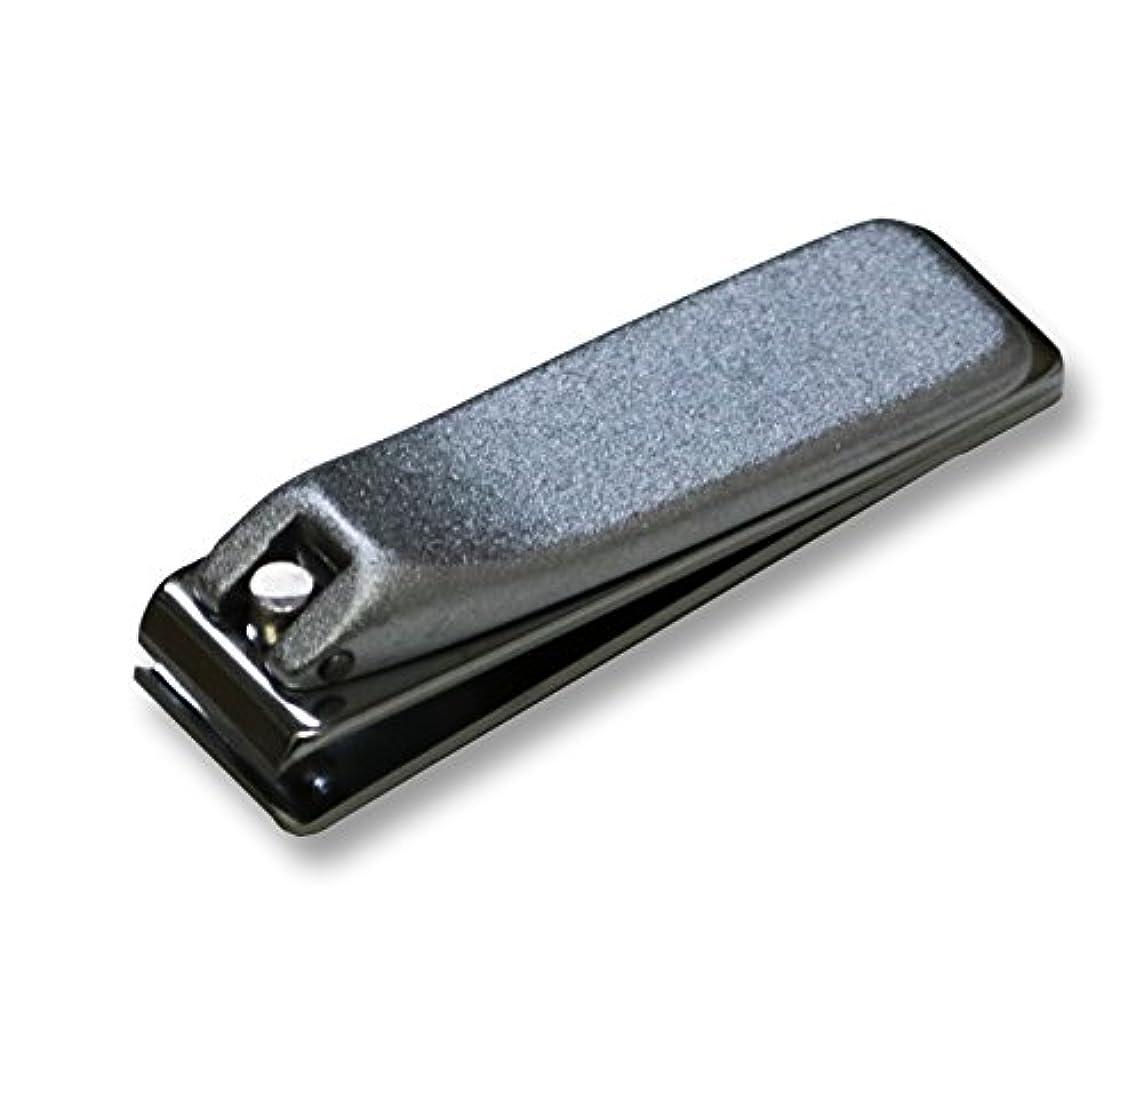 著作権豪華なアナウンサーKD-035 関の刃物 クローム爪切 直刃 小 カバー無